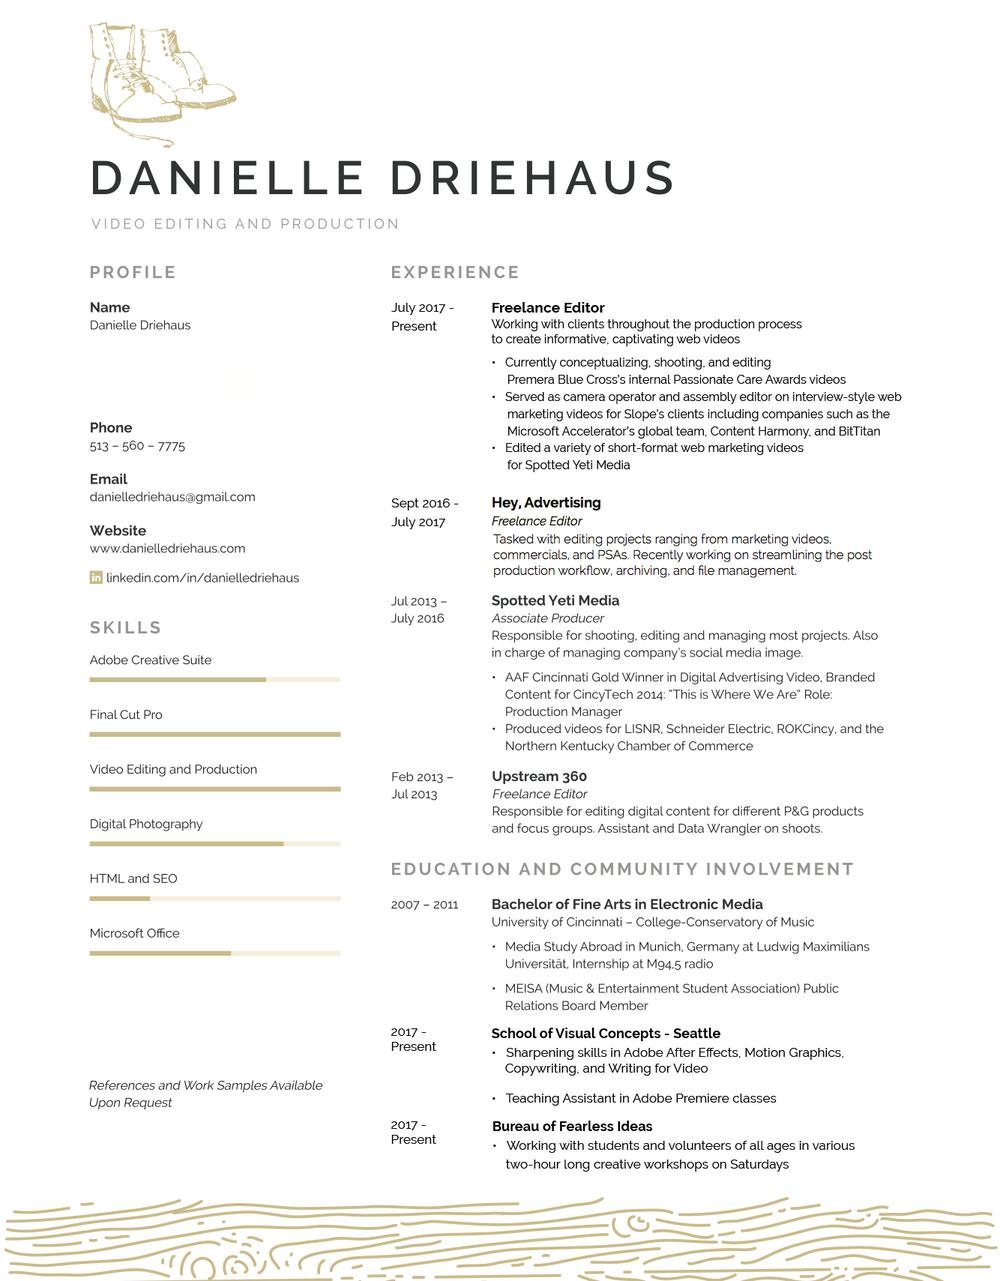 Danielle Driehaus Resume_2018_web.png